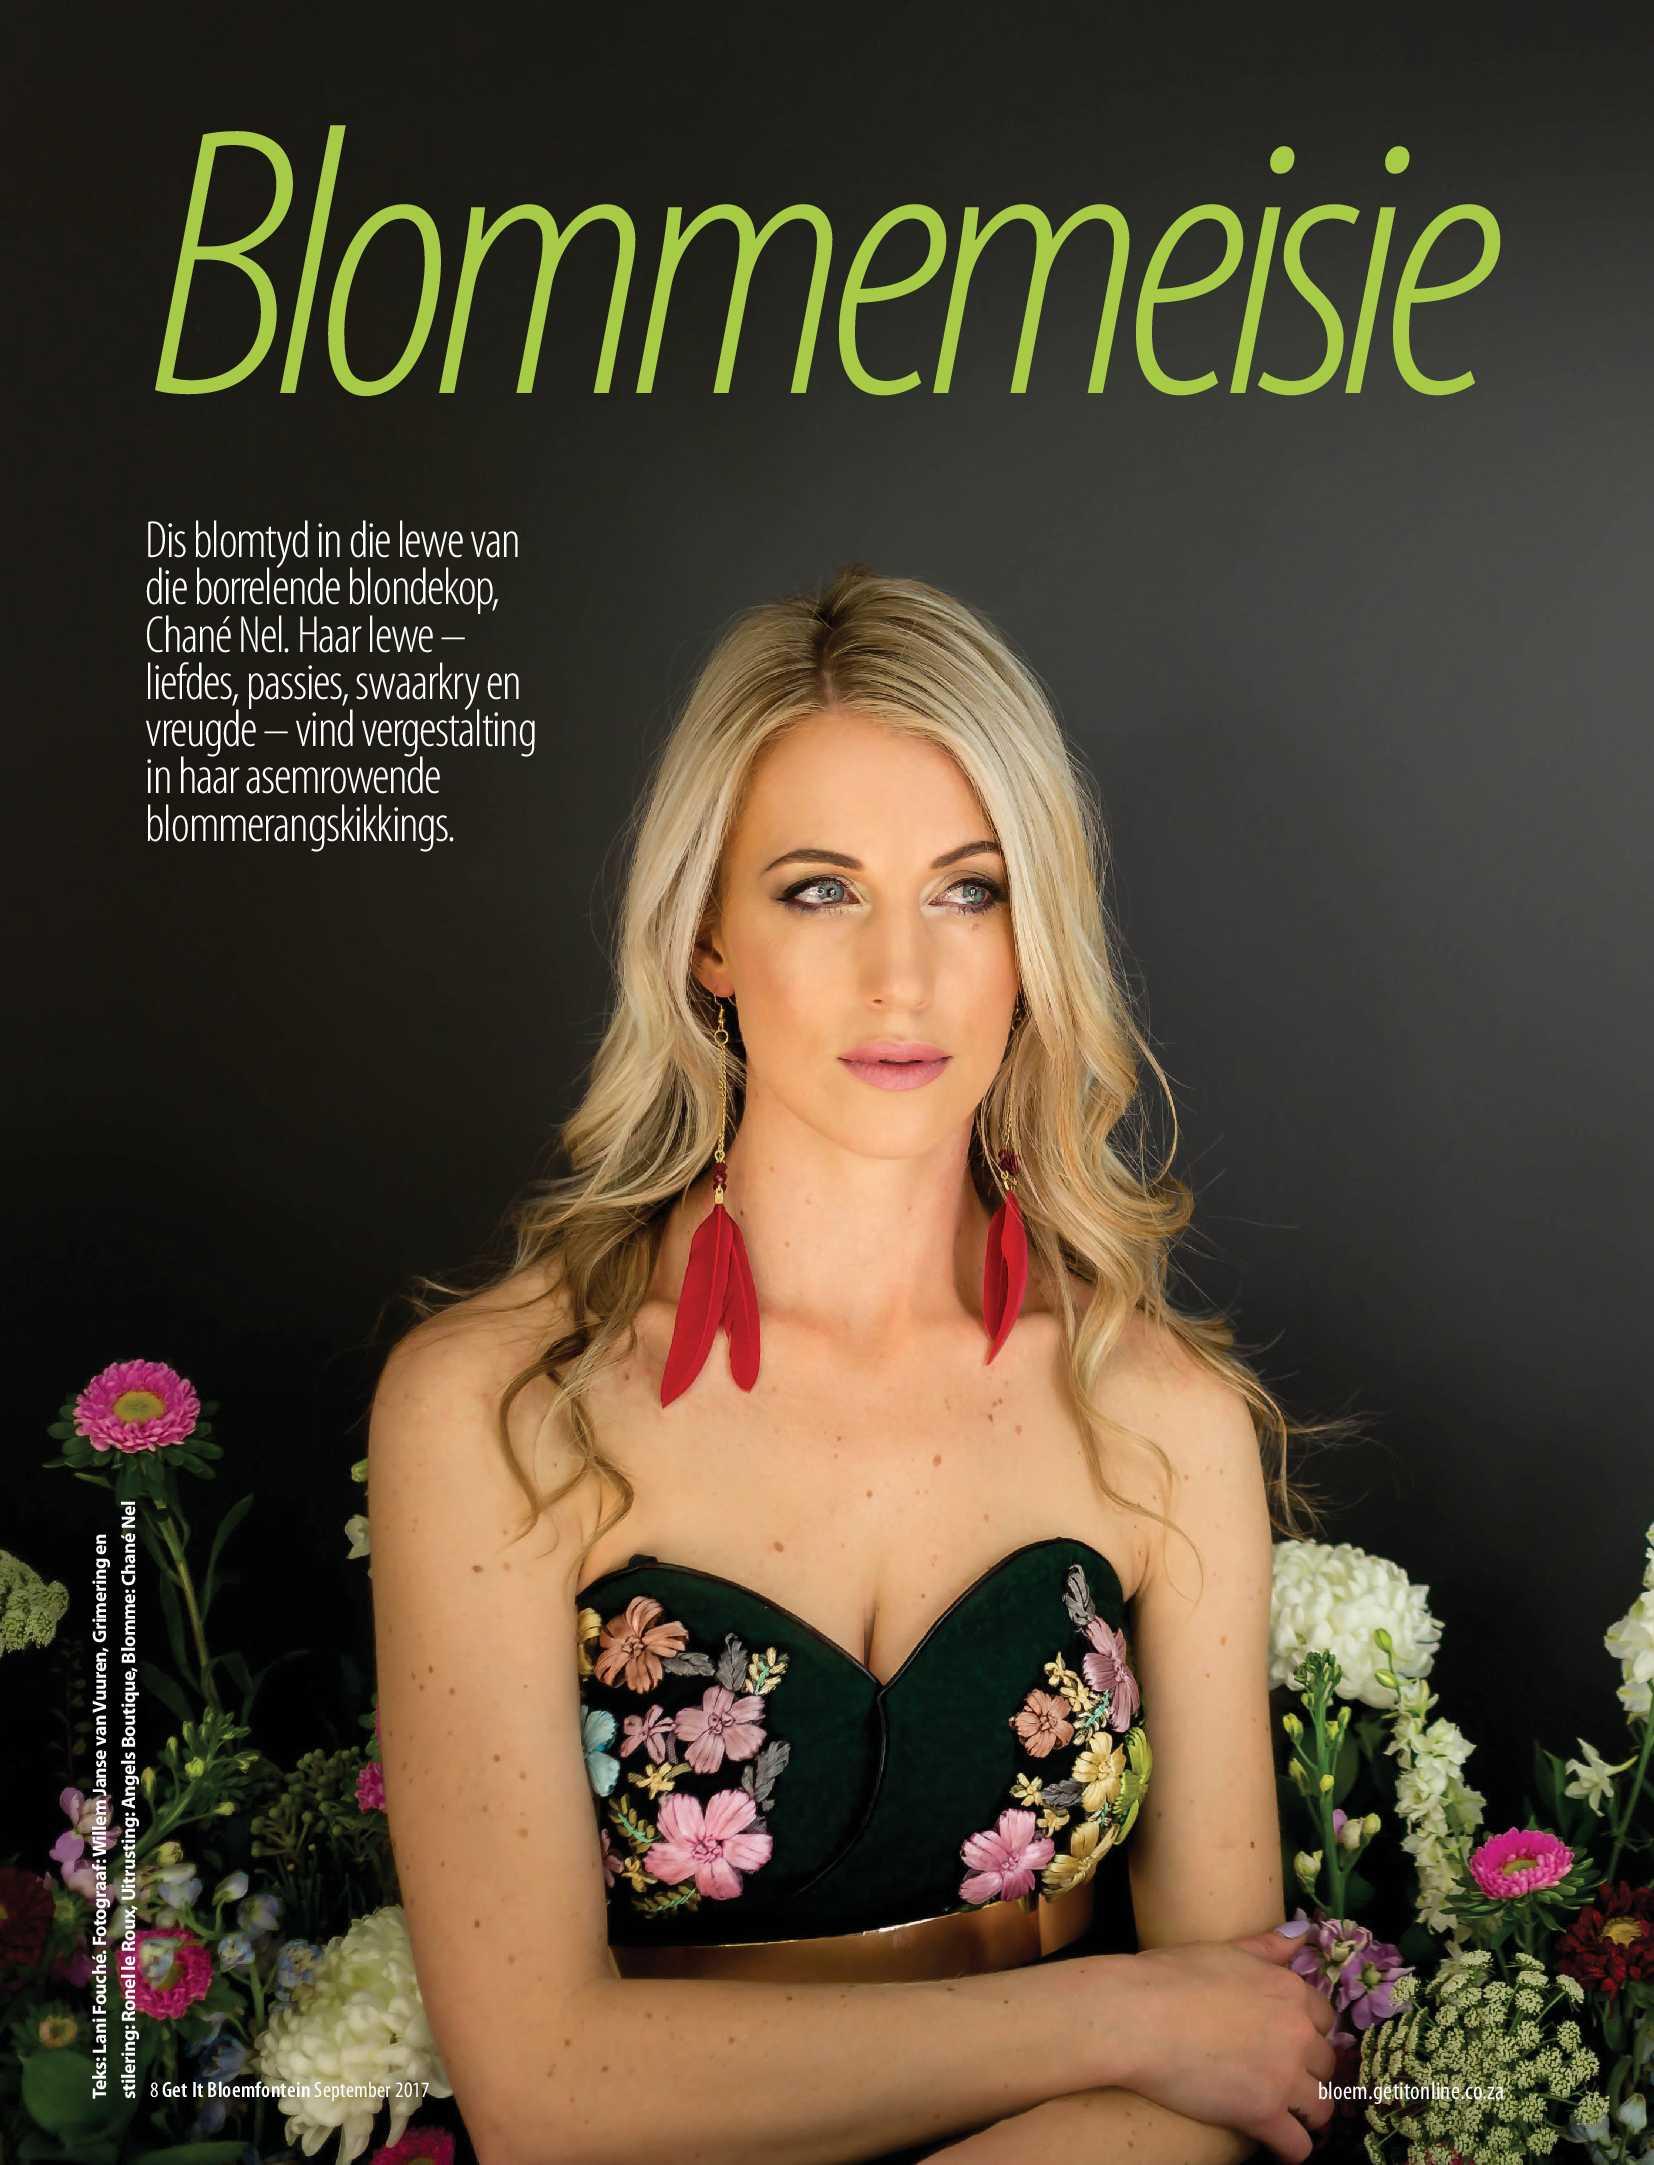 get-bloemfontein-september-2017-epapers-page-10